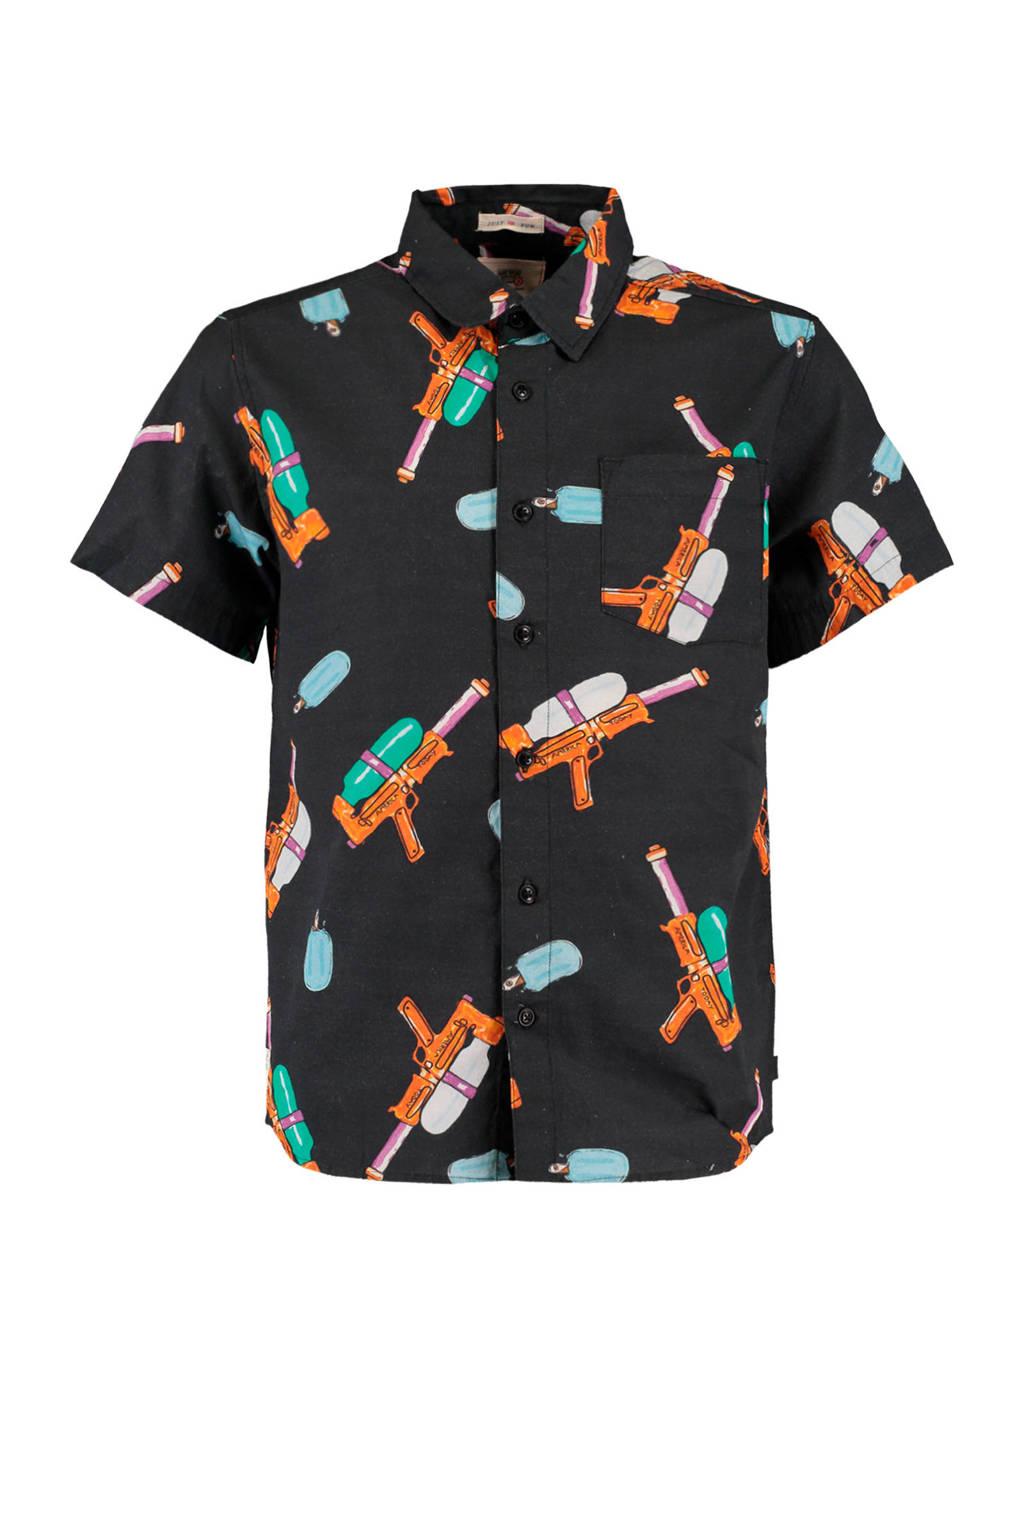 America Today Junior overhemd Brayden met all over print zwart/multicolor, Zwart/multicolor